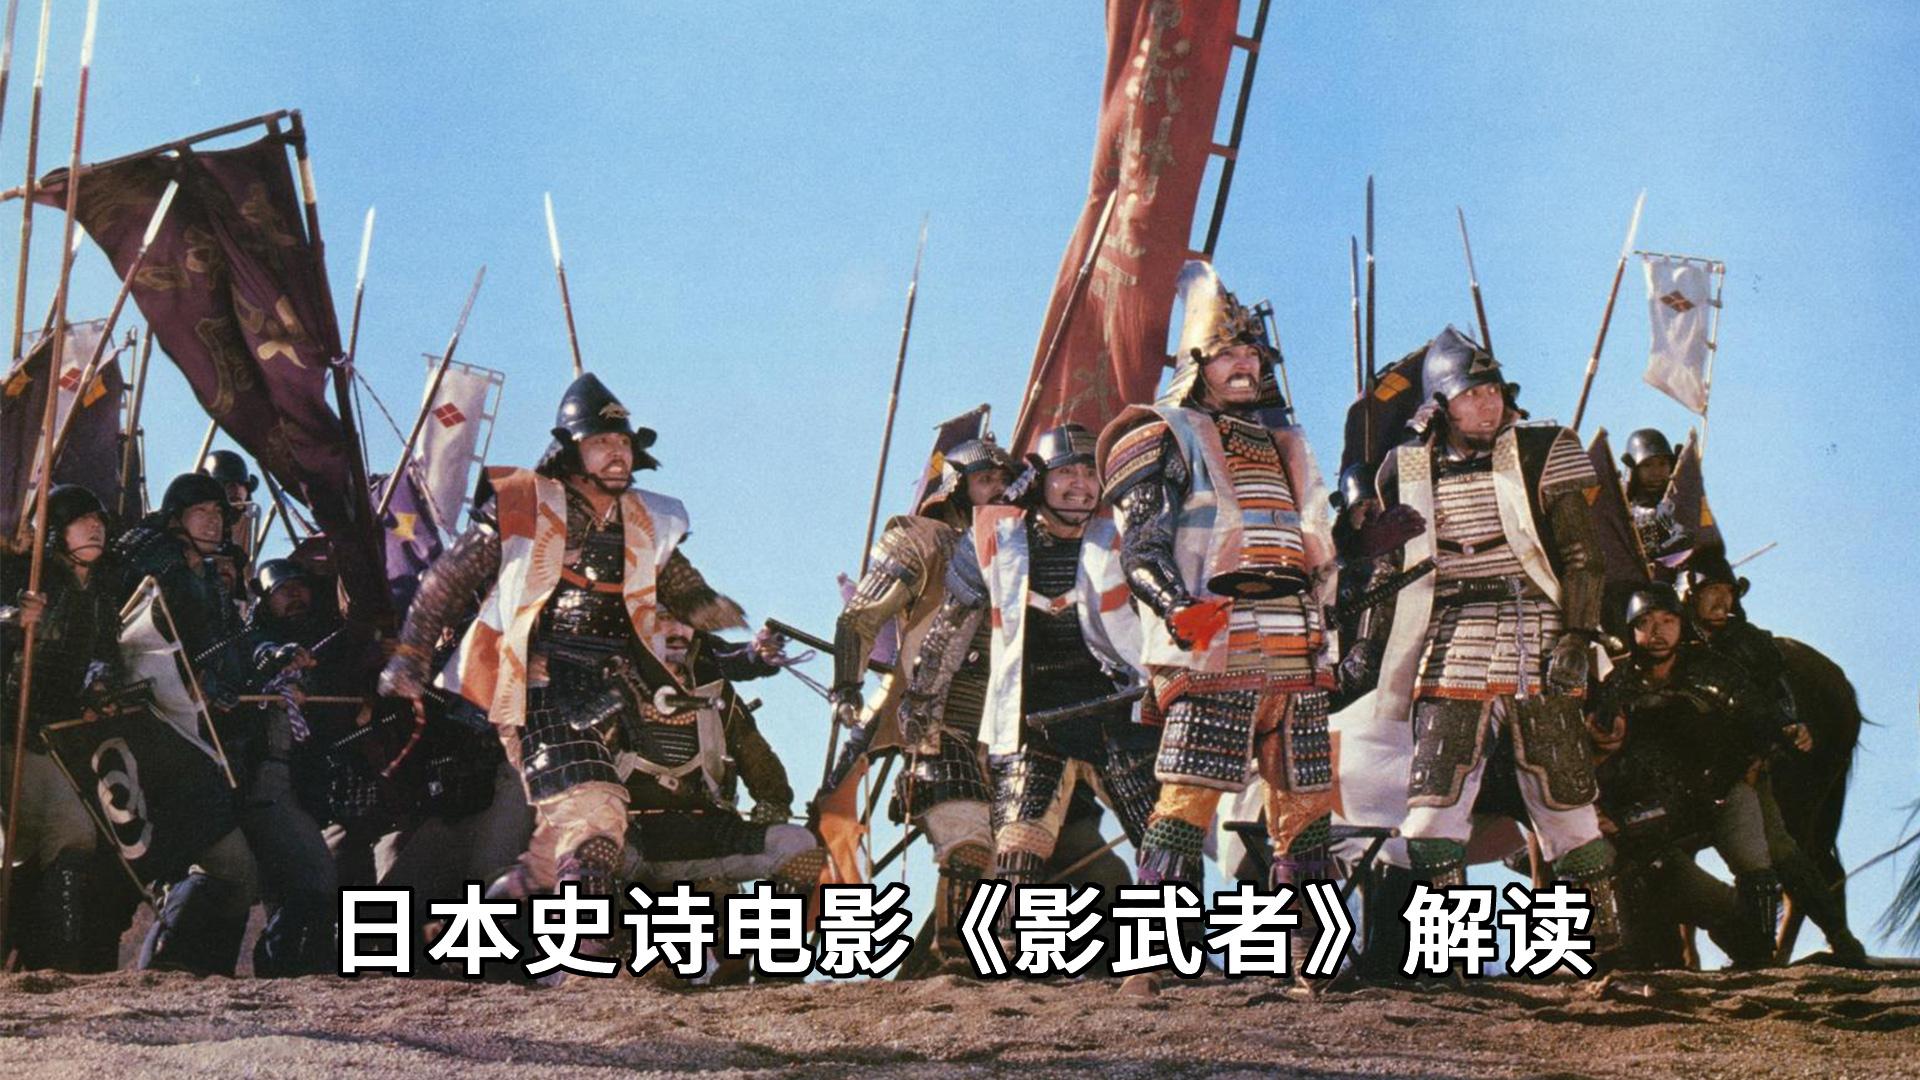 日本史诗电影的巅峰之作,名将替身悲壮的一生《影武者》解读